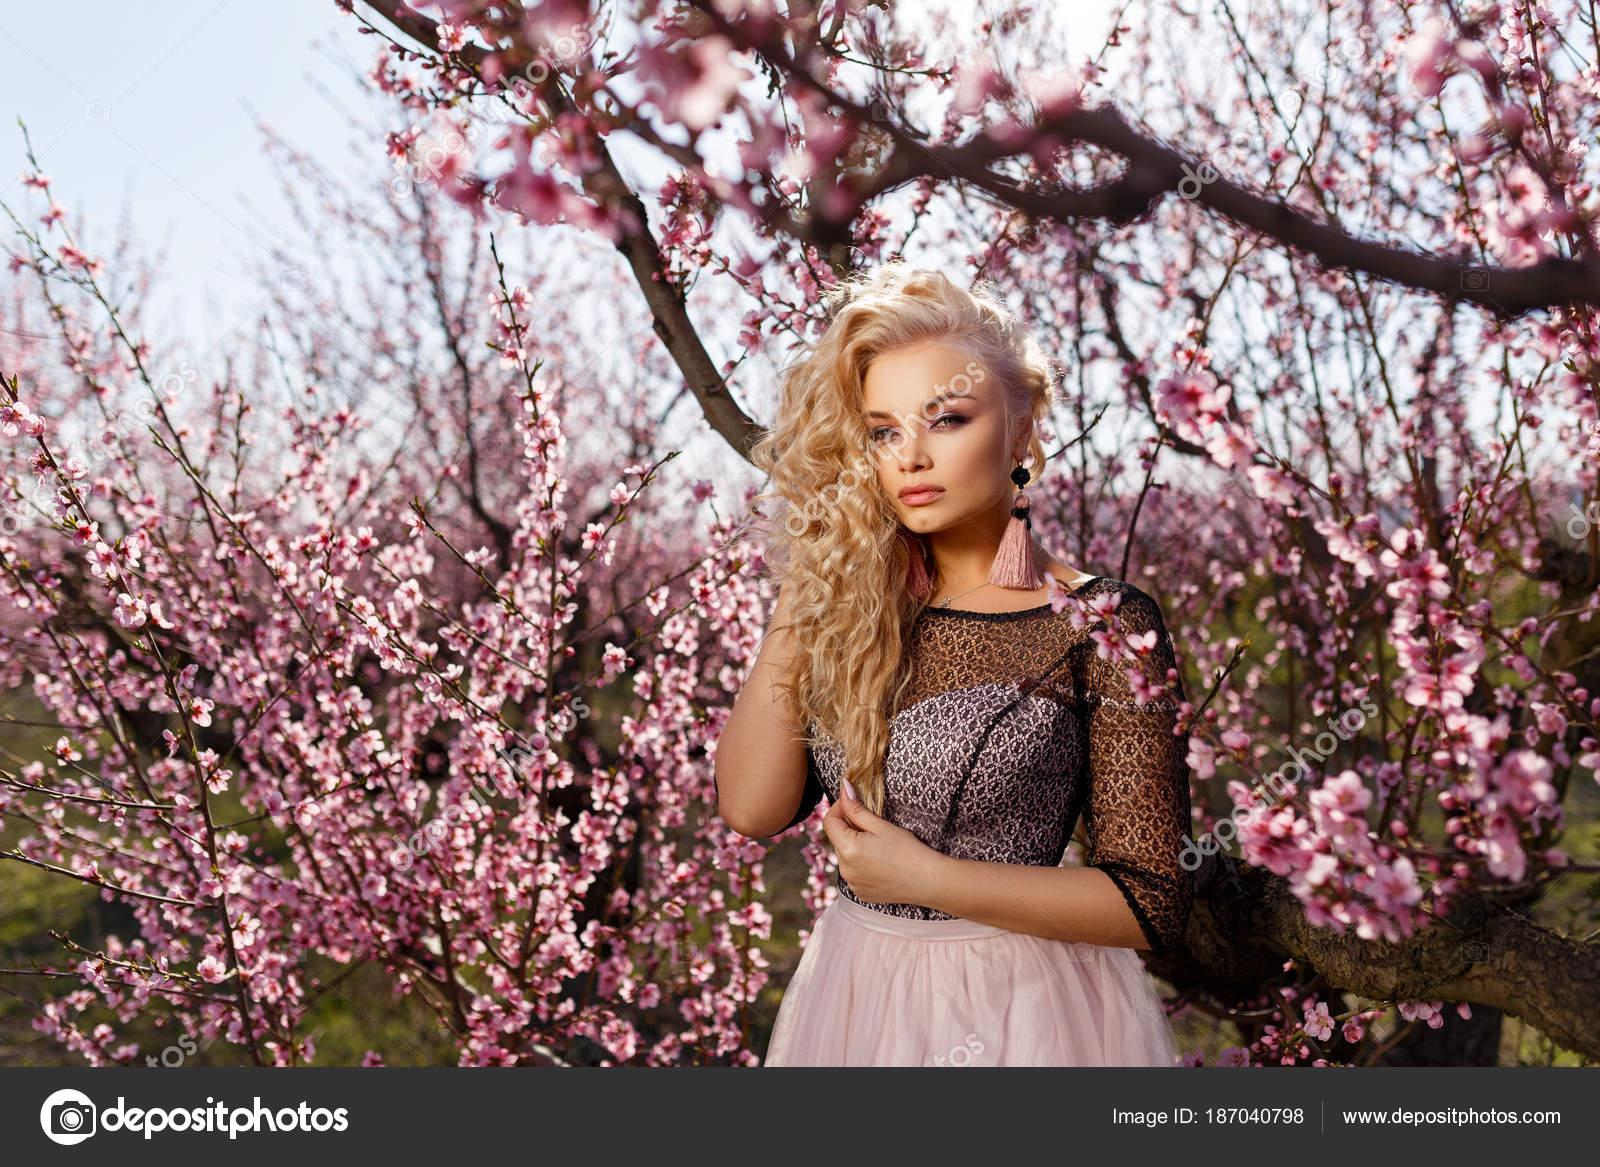 ddedcdac3 Imágenes: mujer en jardin | Hermoso Retrato Una Mujer Jardín Flores ...